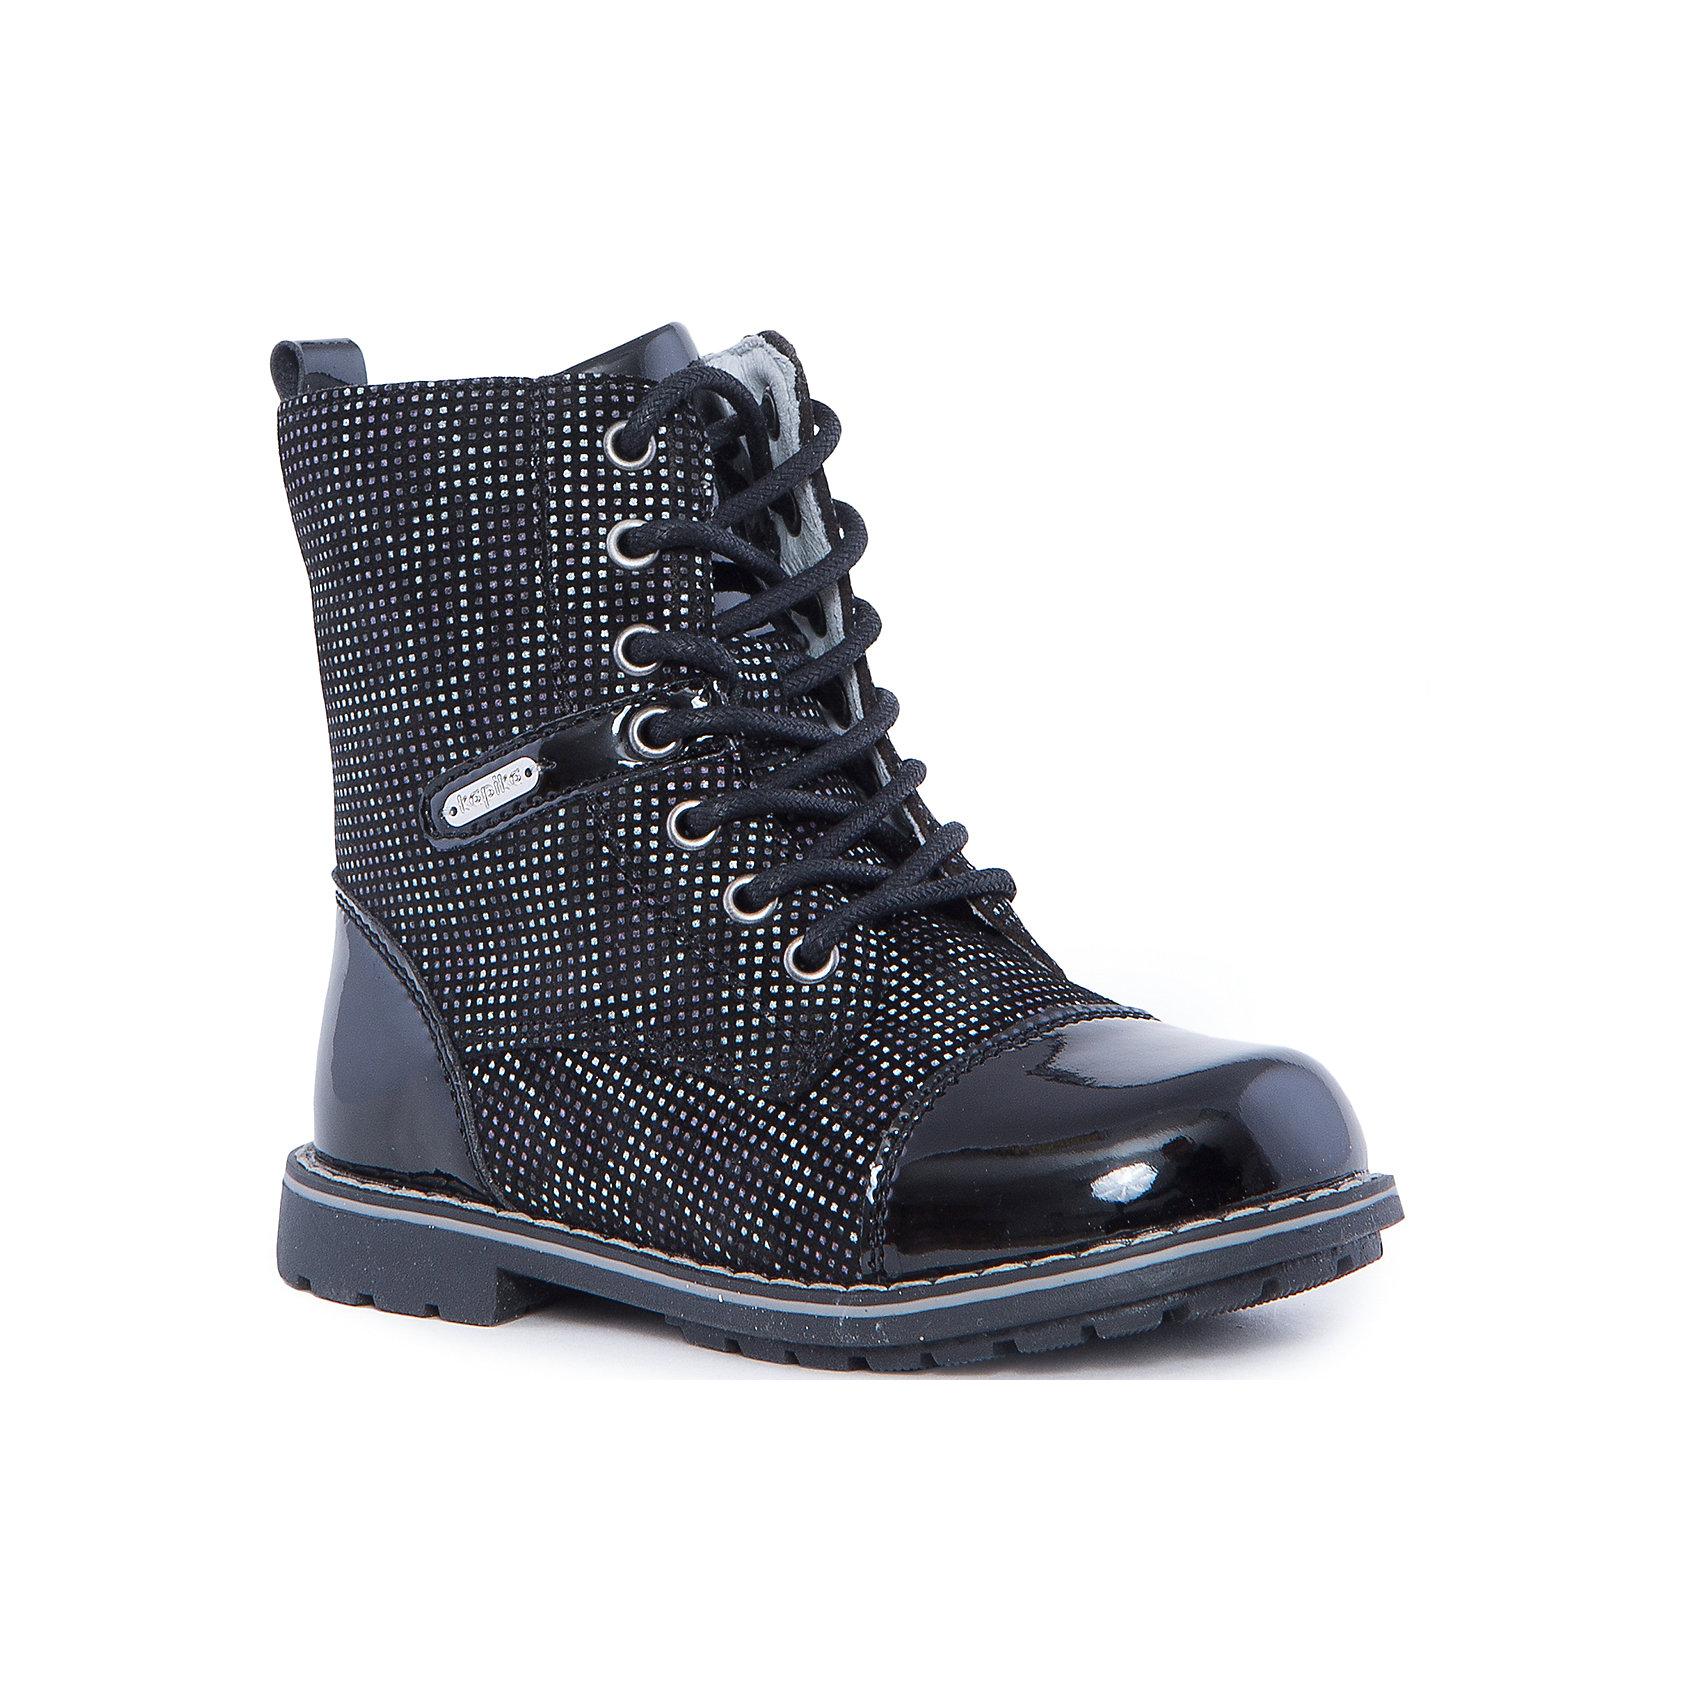 Ботинки для девочки KAPIKAБотинки для девочки KAPIKA – стиль, удобство и комфорт.<br>Красивые, высокие ботиночки из натуральной кожи сделаны со специальным супинатором, который делает носку комфортной. Стелька и подкладка также из натуральной кожи. Ботиночки застегиваются с помощью молнии. Можно регулировать полноту модели с помощью шнурков.<br><br>Дополнительная информация:<br><br>- материал верха: натуральная кожа, микрофибра<br>- материал подкладки: 80% шерсти<br>- цвет: черные<br><br>Ботинки для девочки KAPIKA можно купить в нашем интернет магазине.<br><br>Ширина мм: 262<br>Глубина мм: 176<br>Высота мм: 97<br>Вес г: 427<br>Цвет: черный<br>Возраст от месяцев: 24<br>Возраст до месяцев: 36<br>Пол: Женский<br>Возраст: Детский<br>Размер: 26,31,30,29,28,27<br>SKU: 4988053